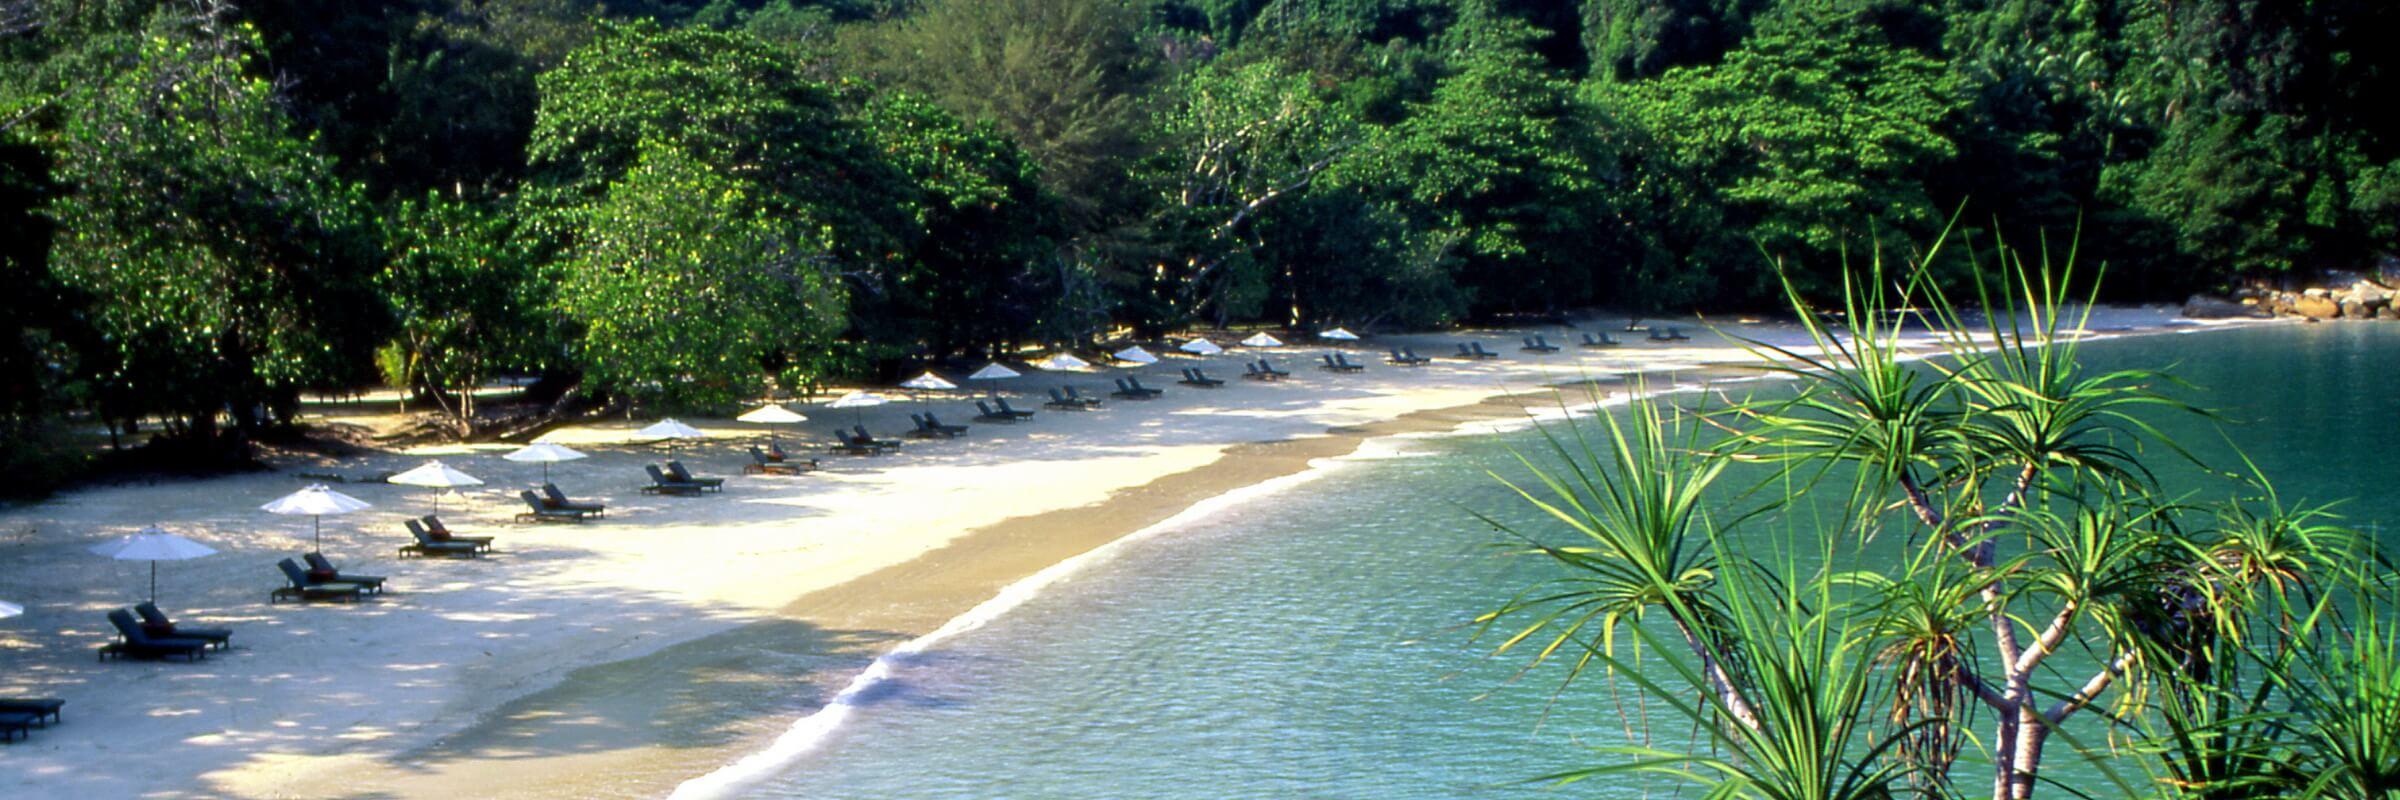 Das  Pangkor Laut Resort ist an der malerische Emerald Bay gelegen.